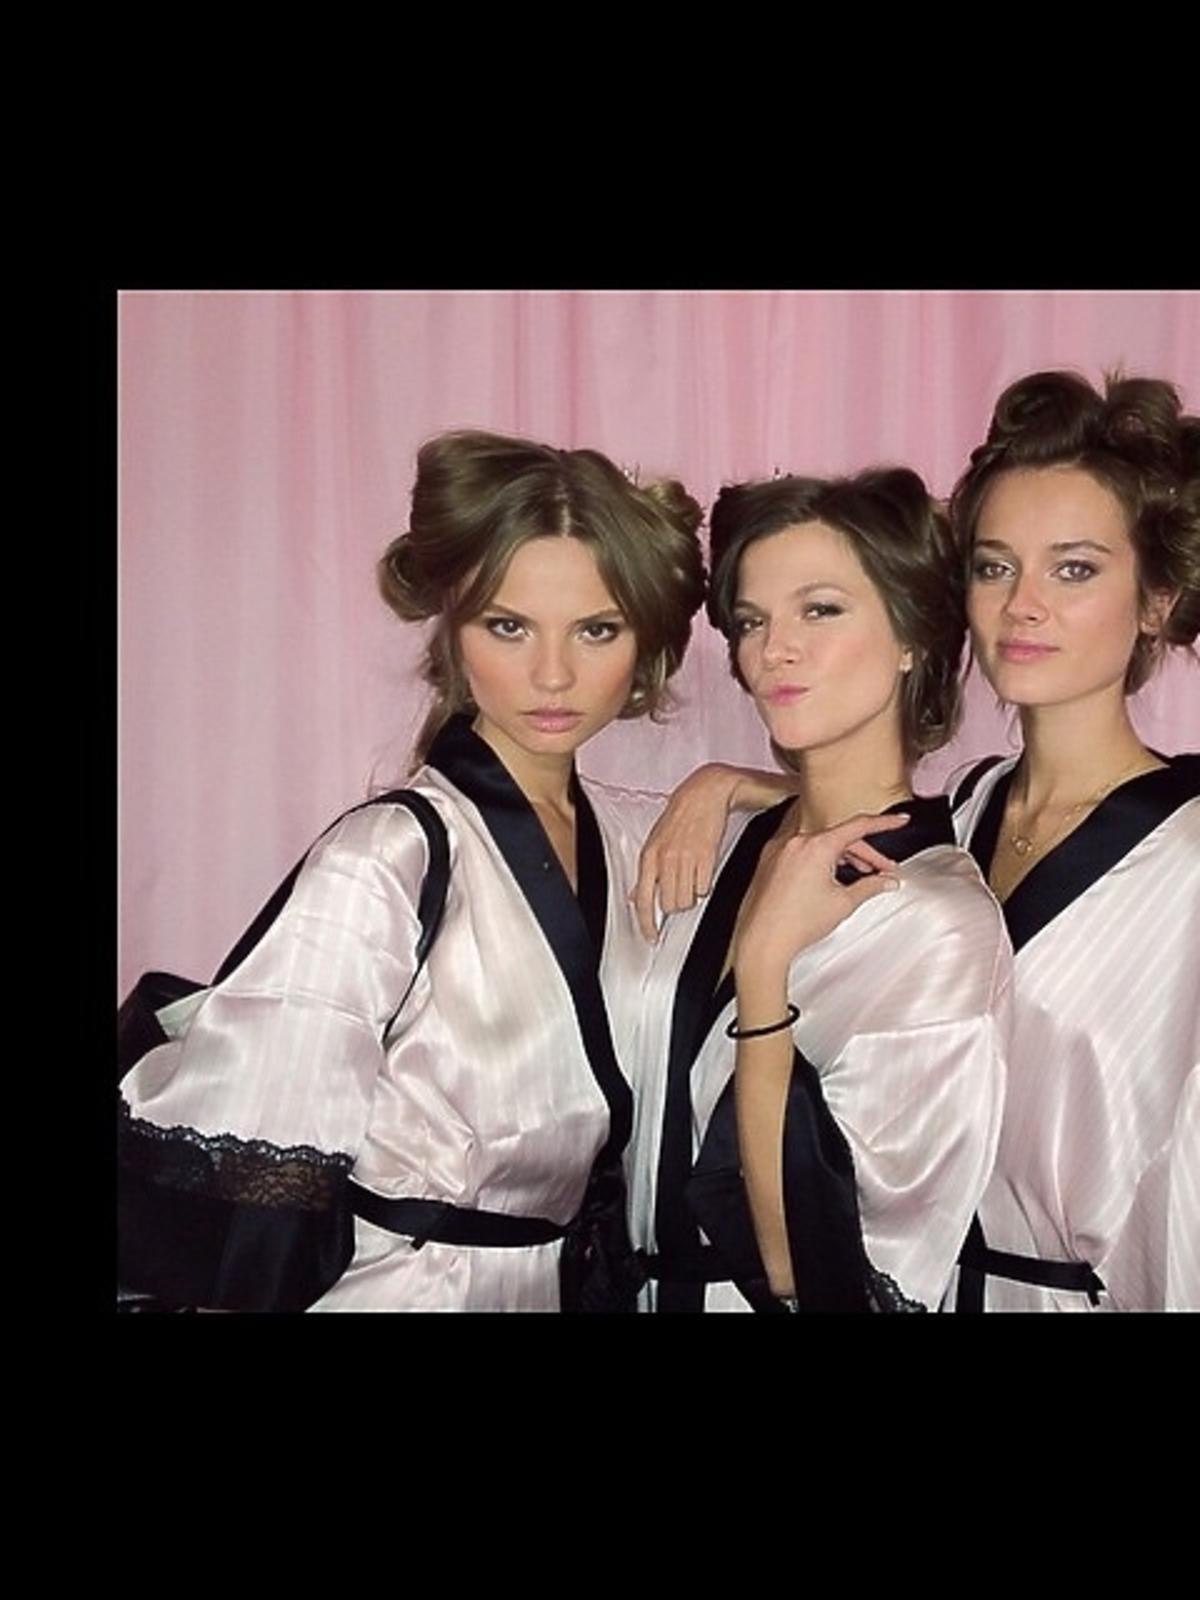 Magda Frąckowiak, Kasia Struss i Monika Jac Jagaciak na pokazie Victoria's Secret